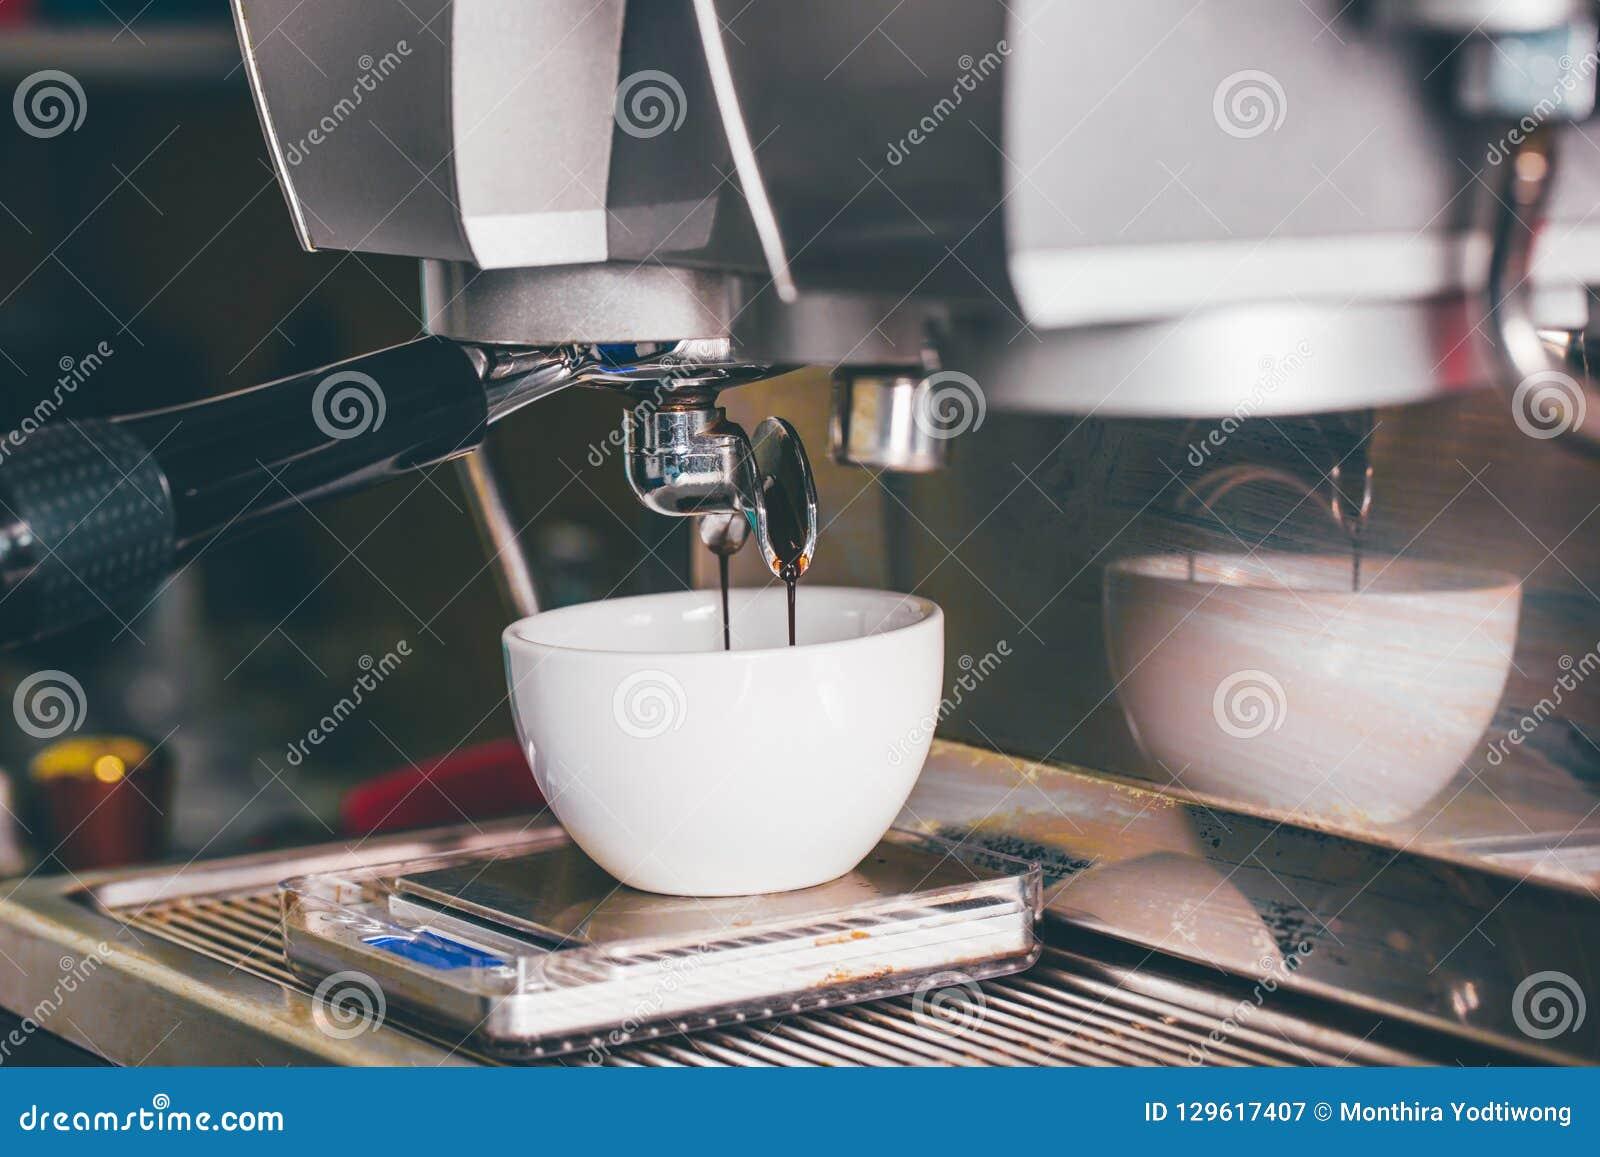 Estrazione del caffè che versa in una tazza da caffè professionale mA